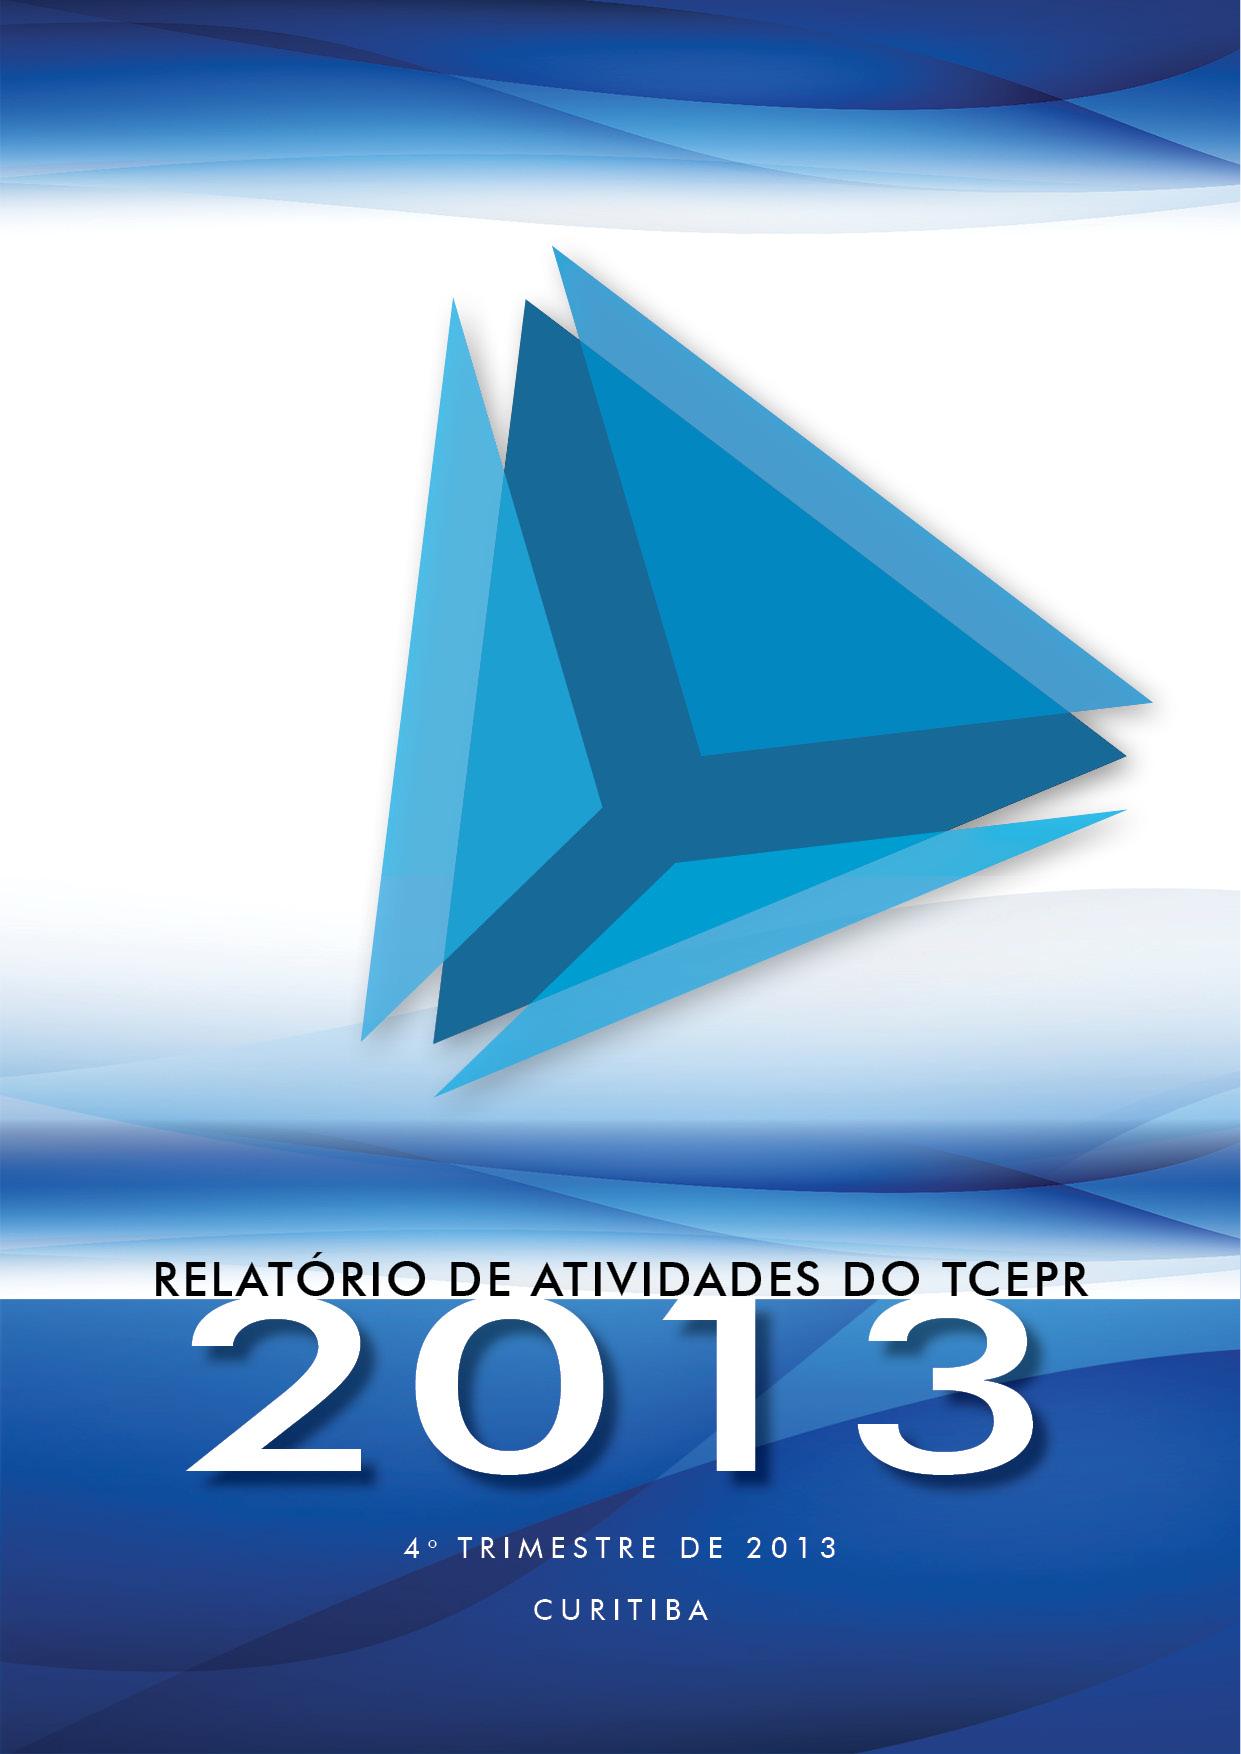 Relatório de Atividades - 4º Trimestre de 2013